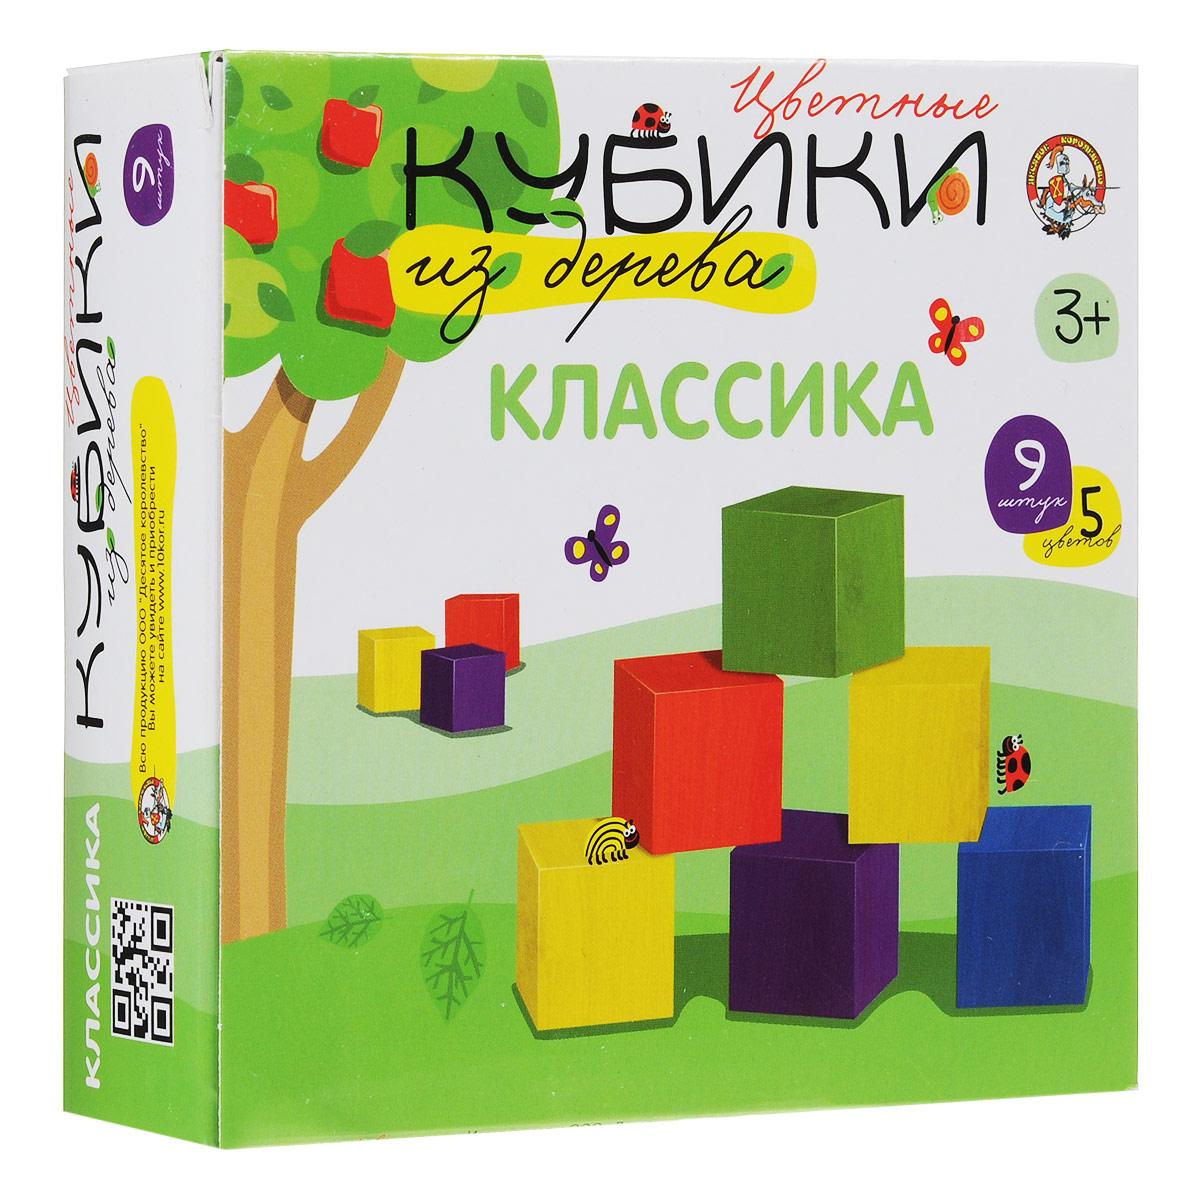 Десятое королевство Кубики Классика 9 шт01613Набор деревянных кубиков Классика включает в себя 9 кубиков 5 разных цветов, среди которых обязательно присутствуют основные, которые ребенок должен знать к 3 годам - красный, желтый, синий, зеленый. Кубики из дерева очень приятные на ощупь - гладкие и аккуратные. Игры с ними развивают мелкую моторику рук, цветовое восприятие и пространственное мышление. Кубики имеют идеально ровную форму куба с гранью 40 мм и ровными острыми углами без всякой дополнительной обработки. Это большой плюс в строительстве, так как такая форма дает ребенку возможность надежно ставить кубики друг на друга. Изучать цвета с кубиками - одно удовольствие, ведь их можно взять в руки, подержать, покрутить. Для покраски используется специальная краска для детских игрушек, поэтому кубики не только имеют яркие, насыщенные цвета, но и совершенно безопасны.